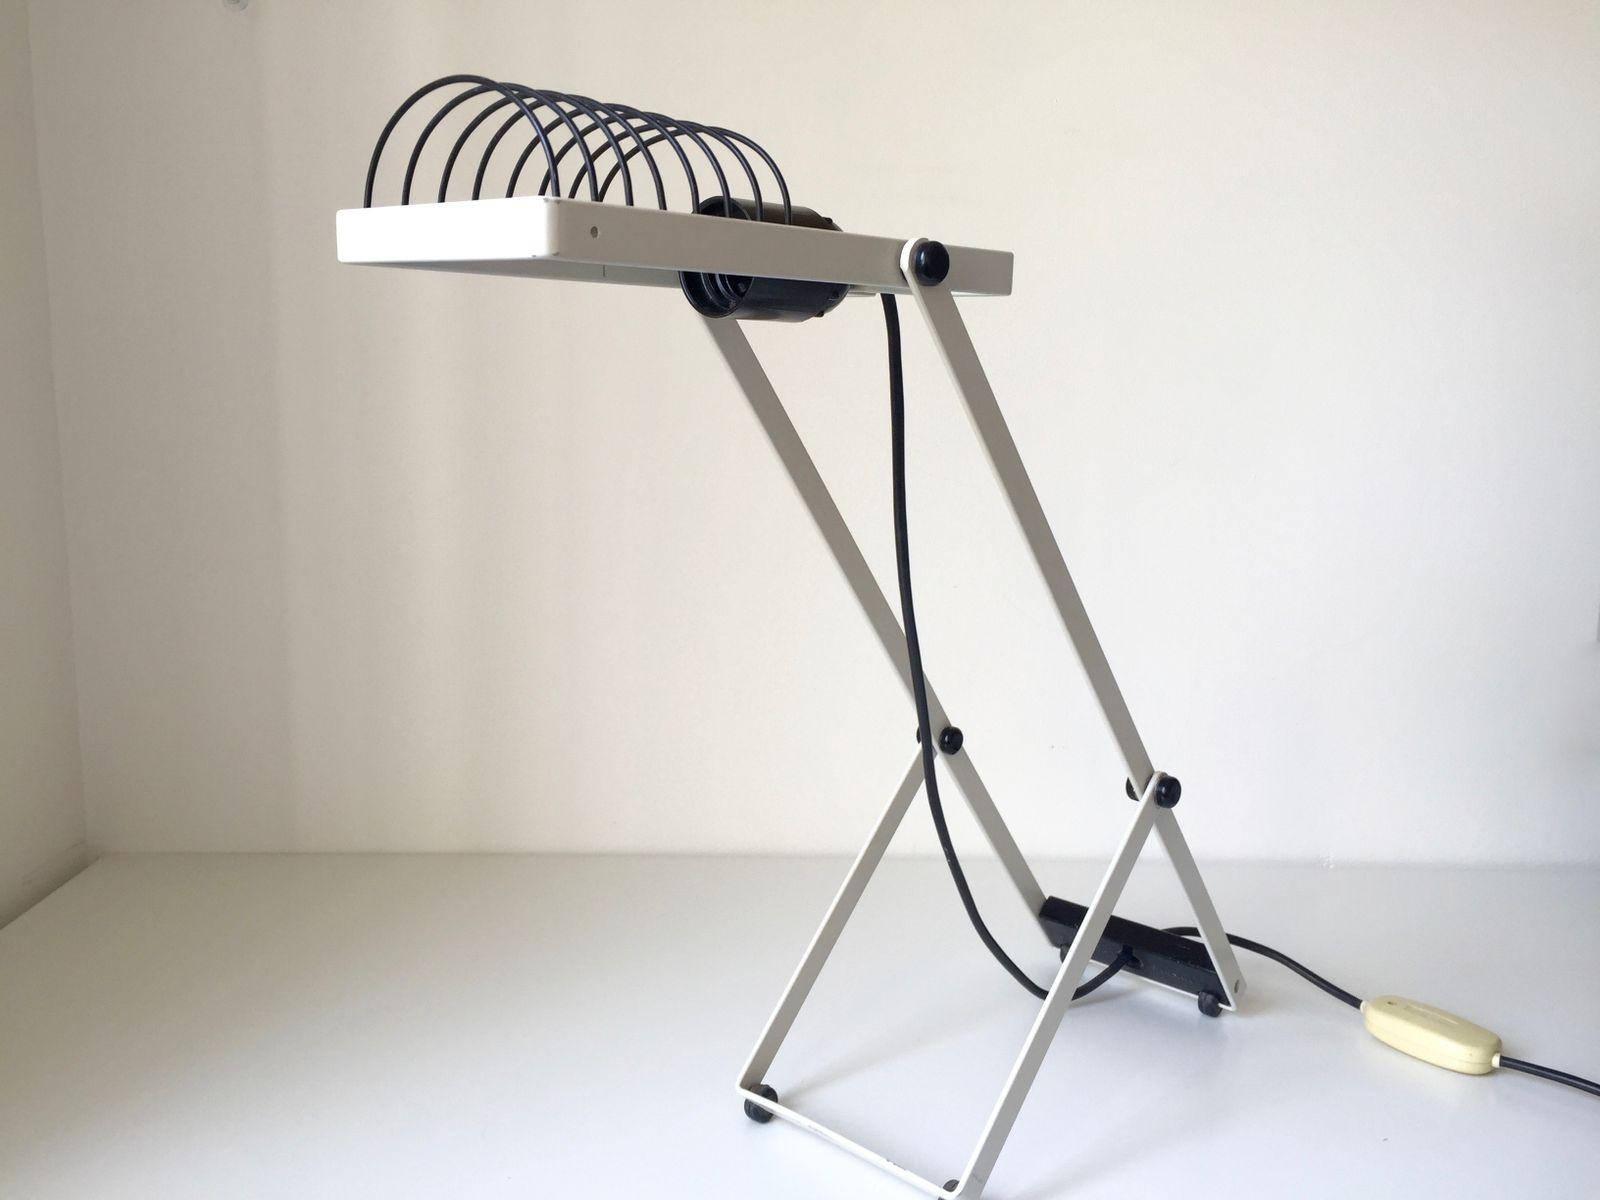 italienische sintesi tavolo schreibtischlampe von ernesto gismondi f r artemide 1976 bei pamono. Black Bedroom Furniture Sets. Home Design Ideas